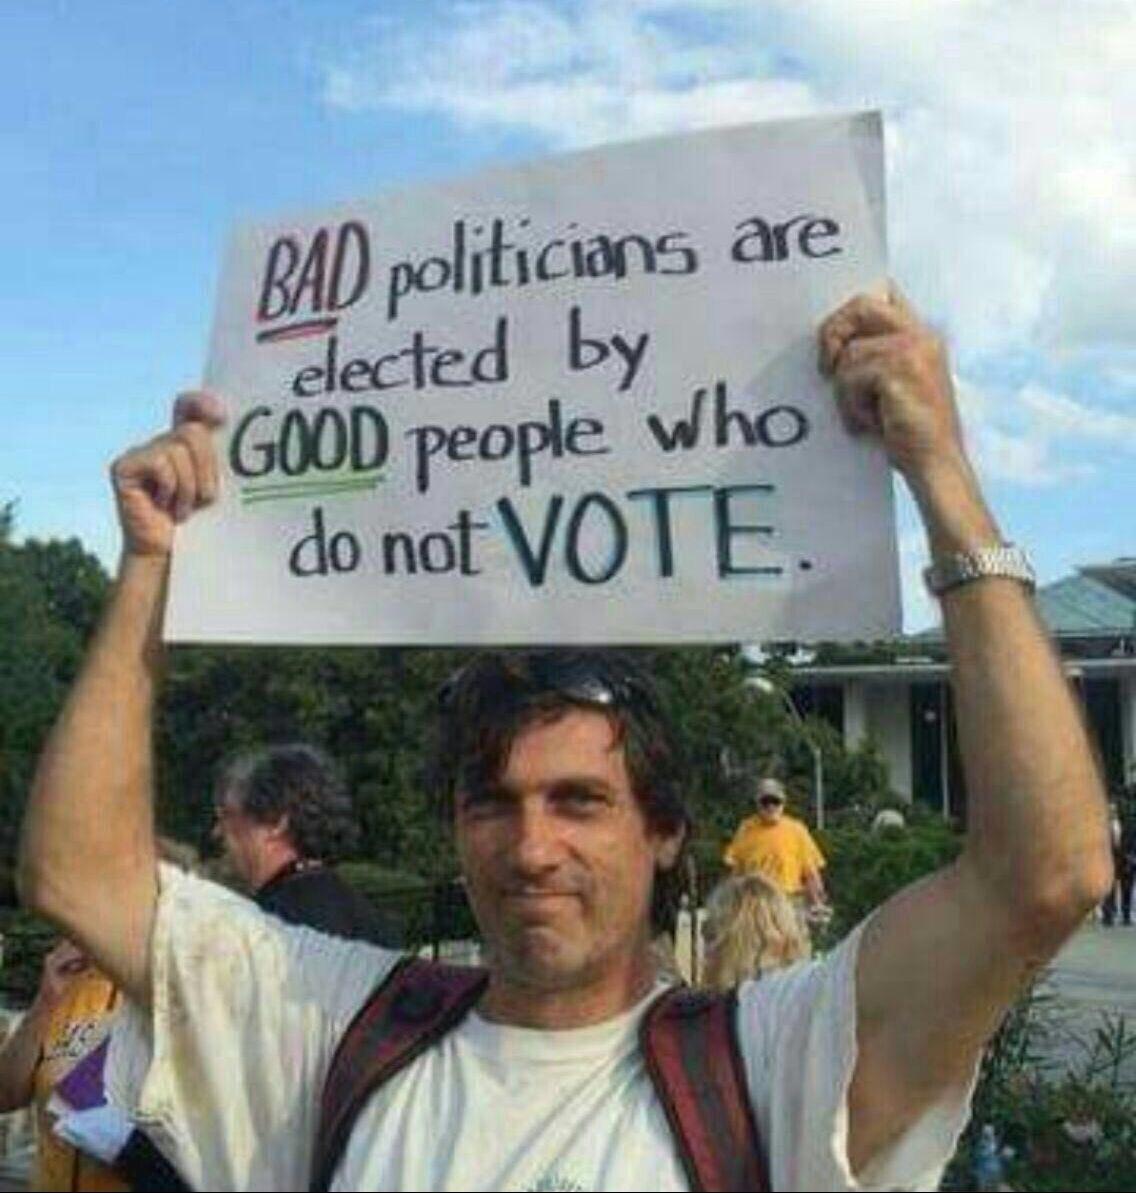 شعار انتخاباتى در كانادا:  سياستمداران بد توسط مردم خوبى كه راى نميدهند، انتخاب ميشوند. https://t.co/7E43YhdxTR